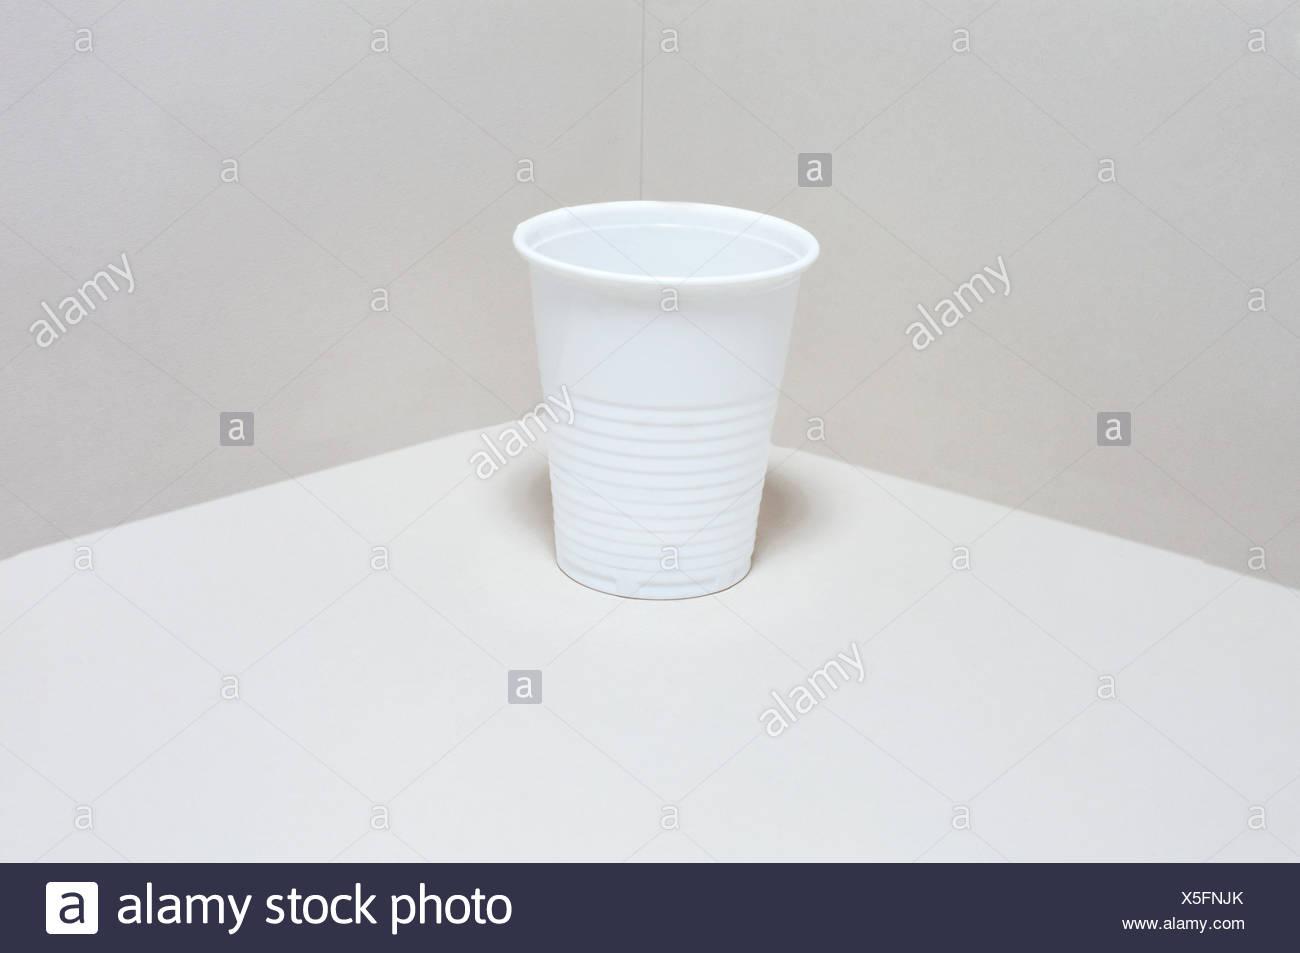 Vaso de plástico Imagen De Stock